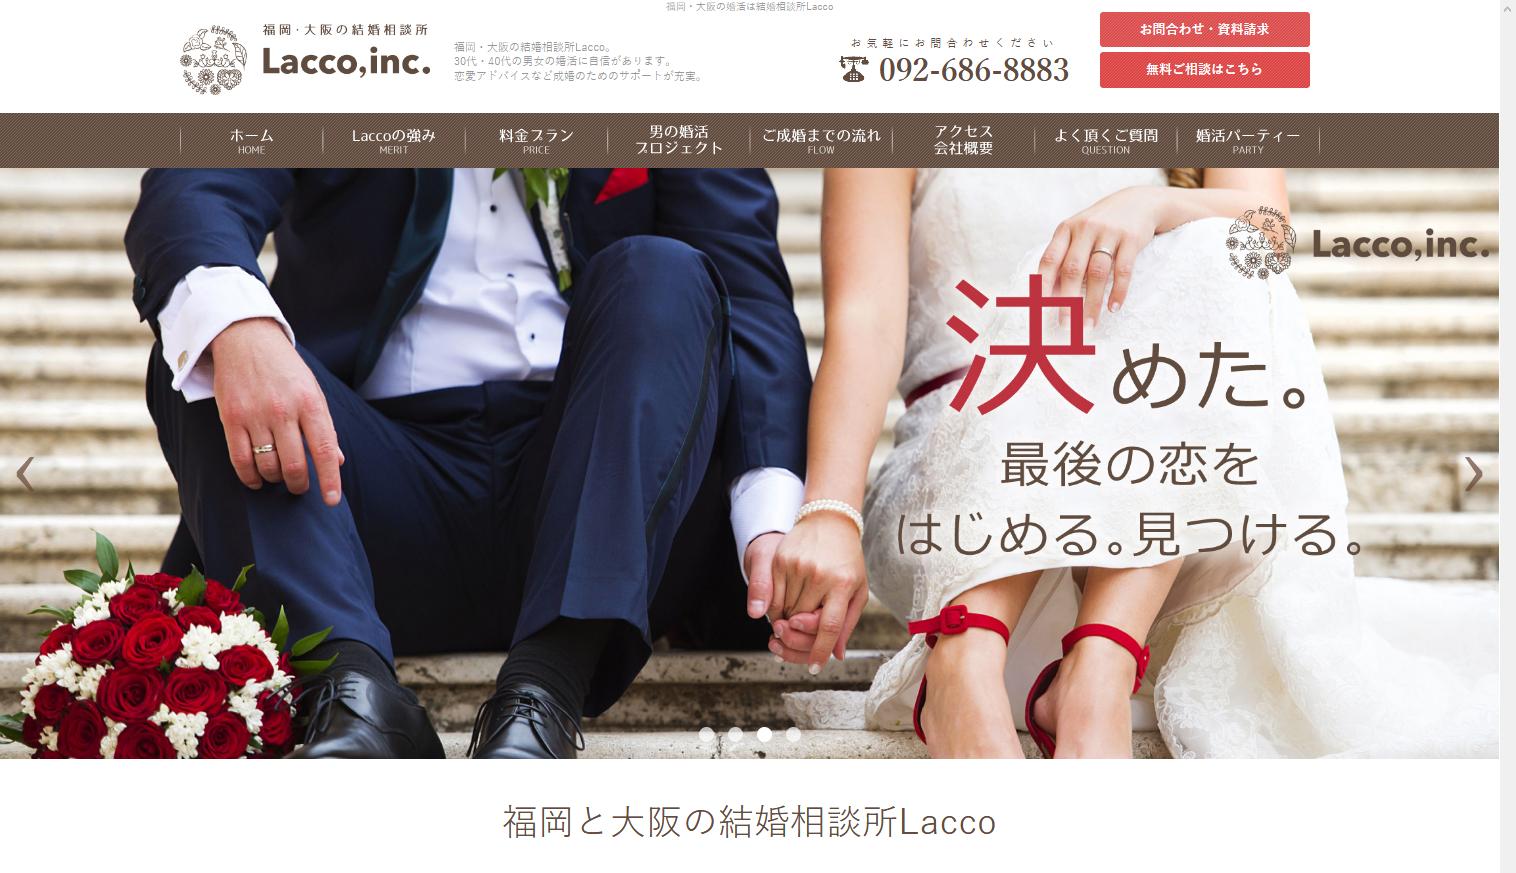 福岡・大阪の婚活は結婚相談所Lacco